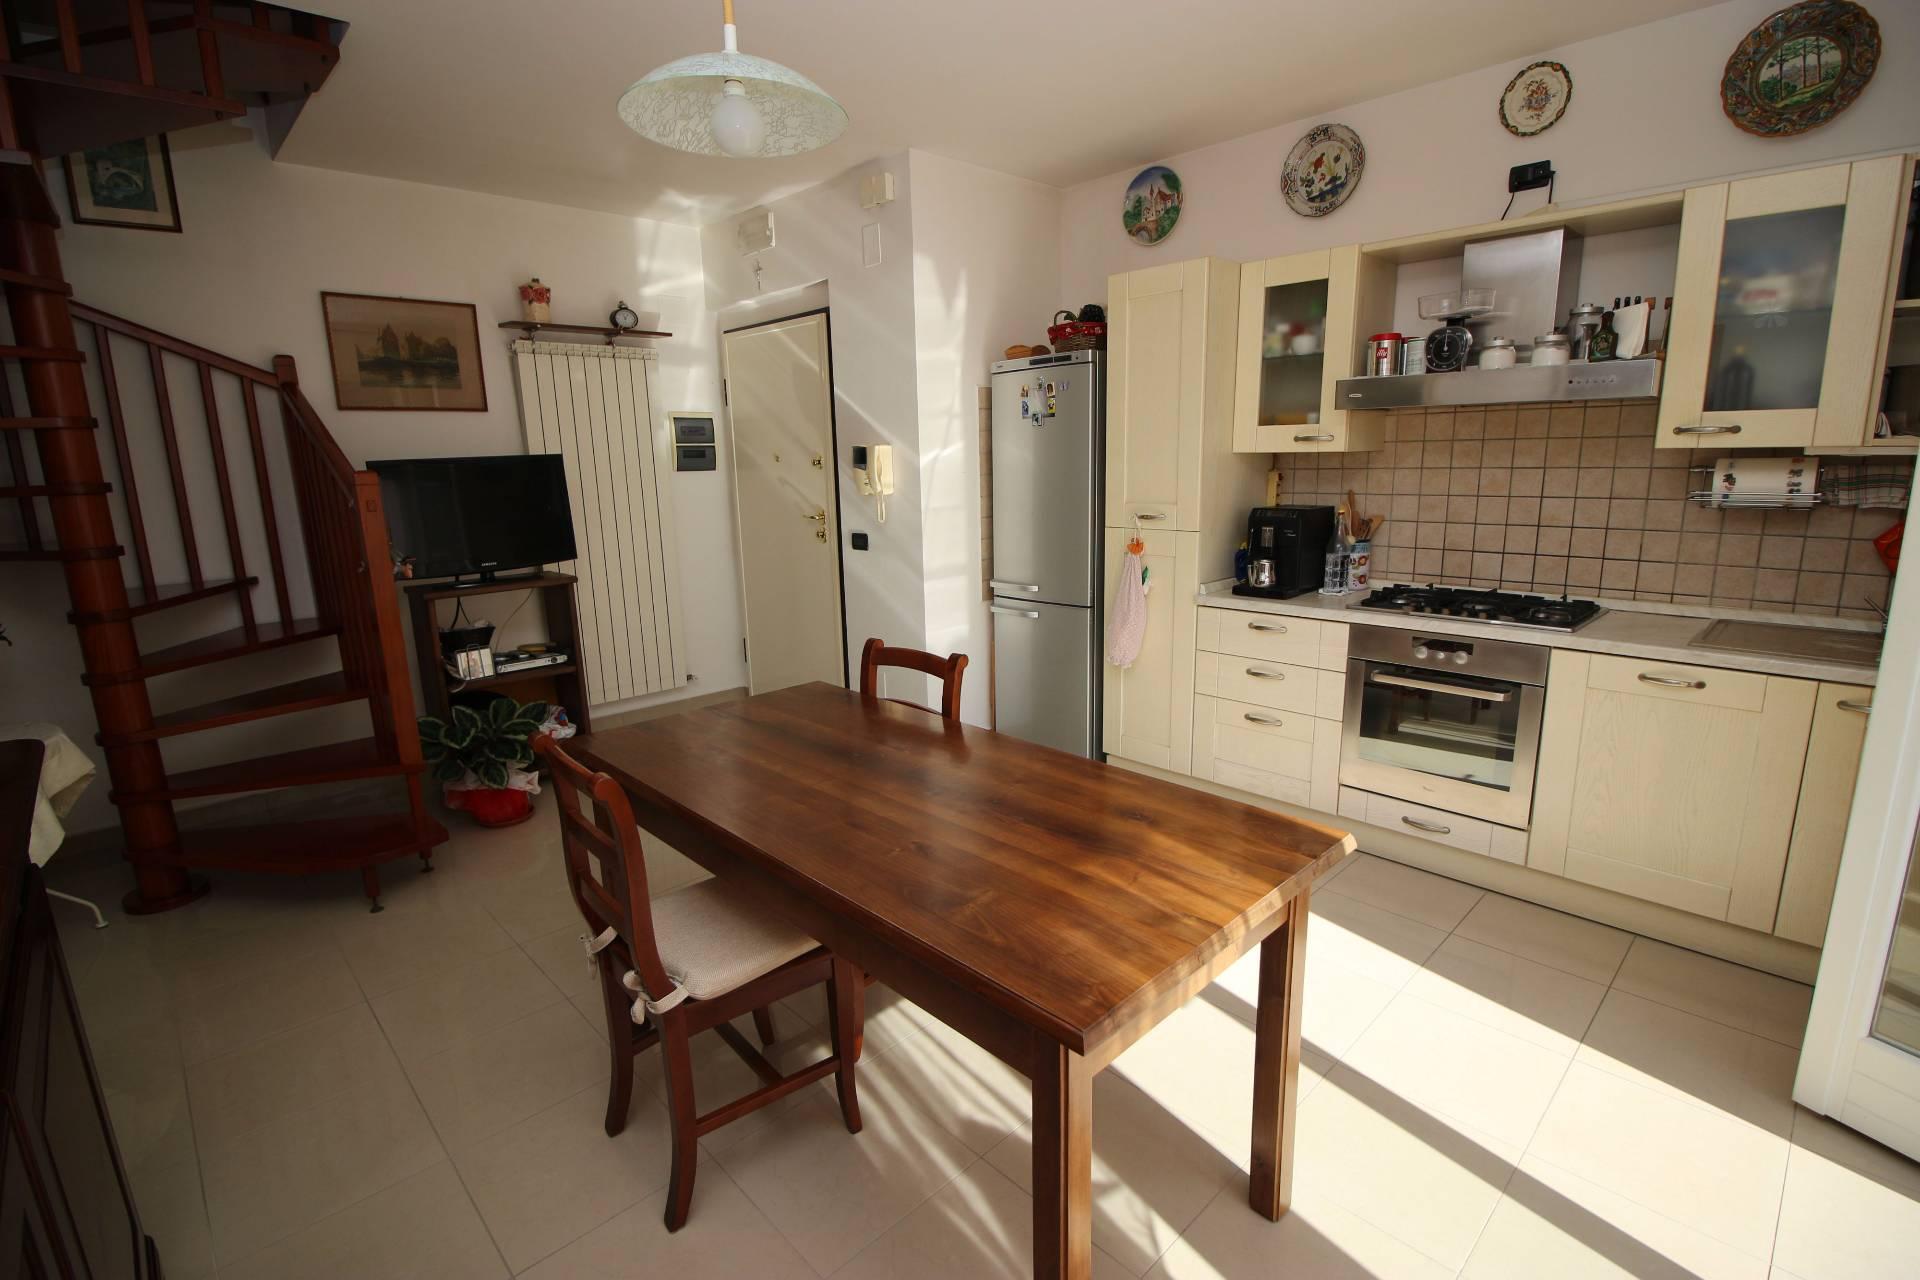 Appartamento in vendita a Tortoreto, 5 locali, zona Località: TortoretoLido, prezzo € 230.000 | Cambio Casa.it